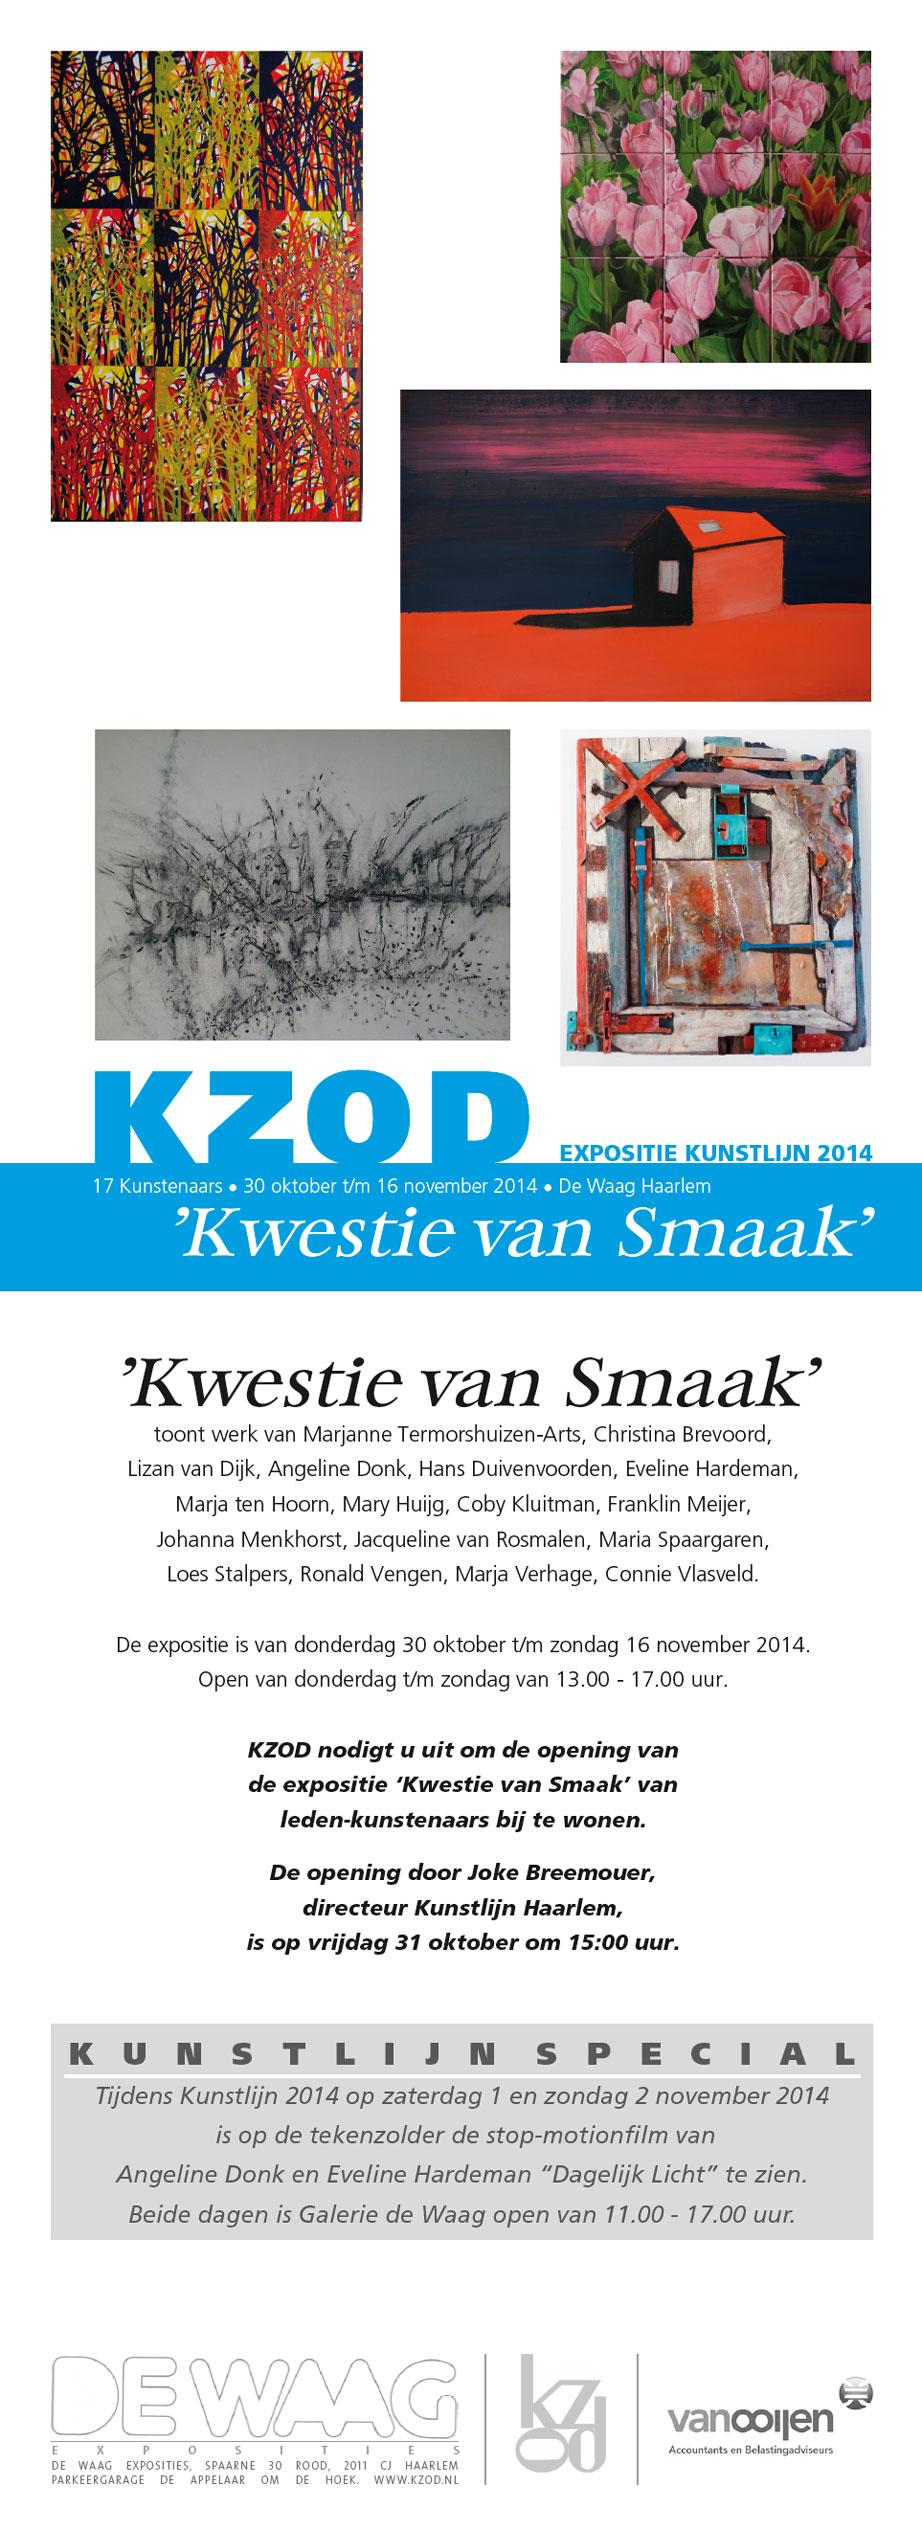 Kunstlijn-2014-Kwestie-van-Smaak-De-Waag